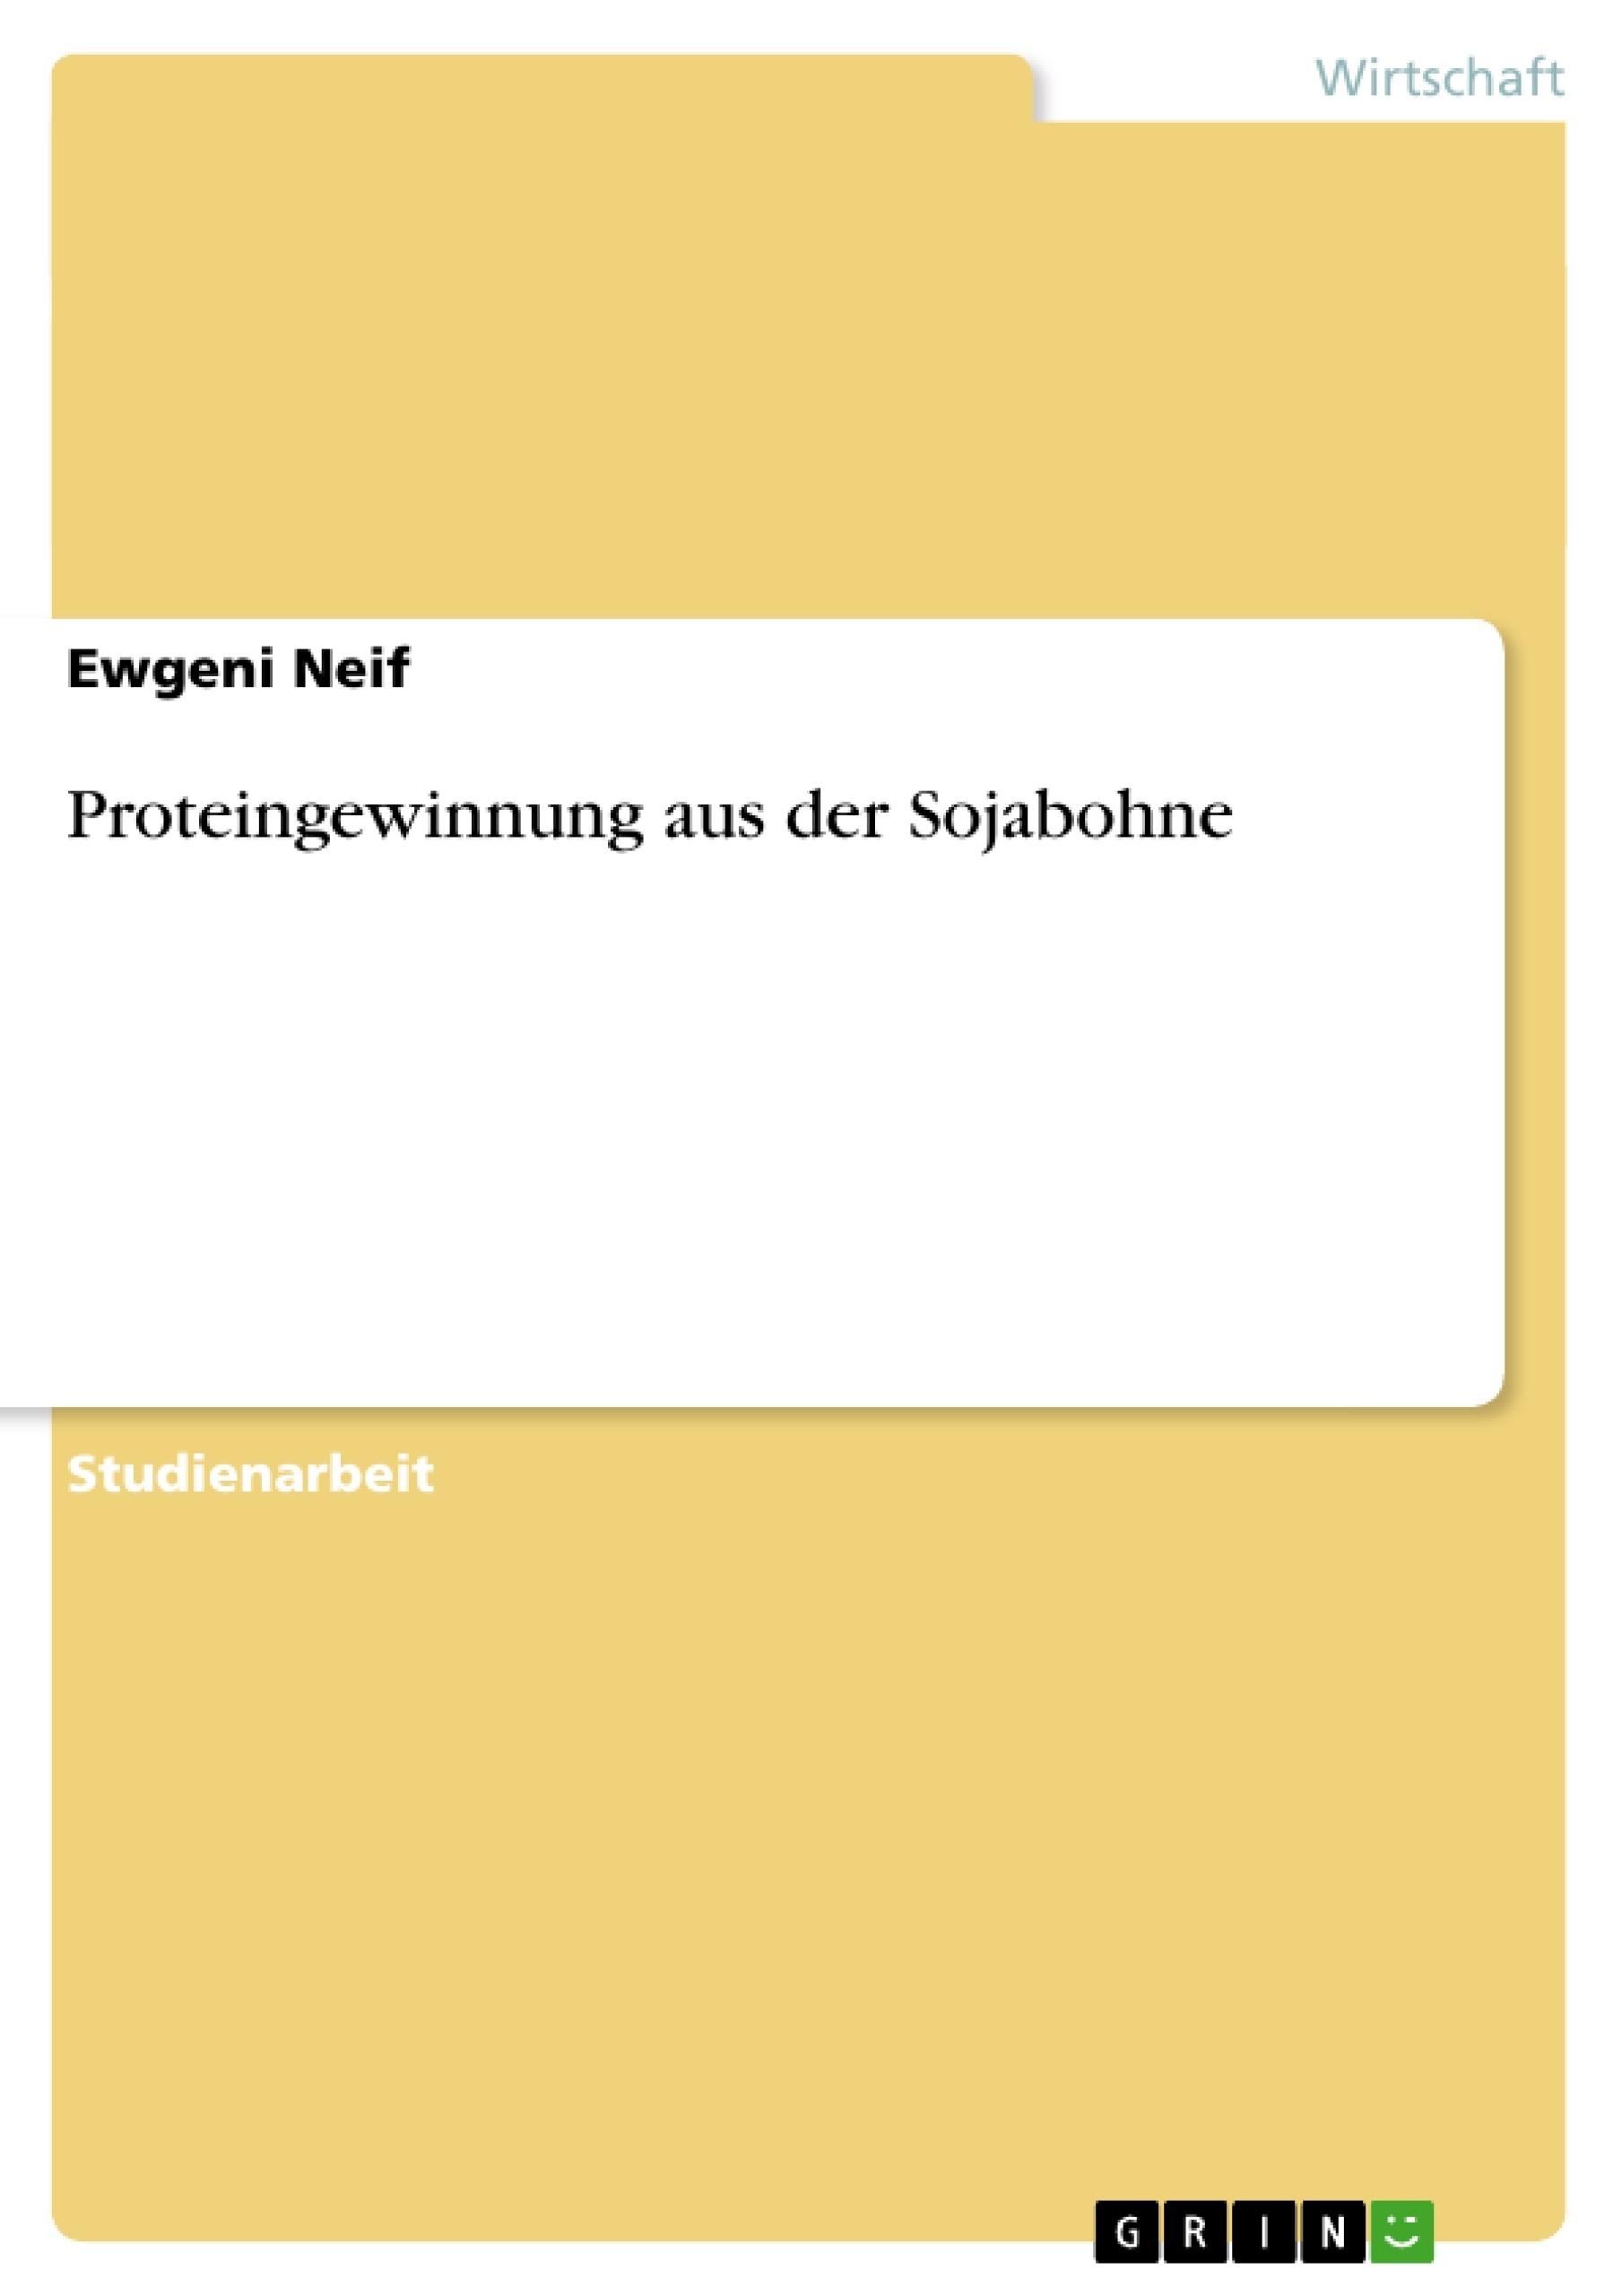 Titel: Proteingewinnung aus der Sojabohne